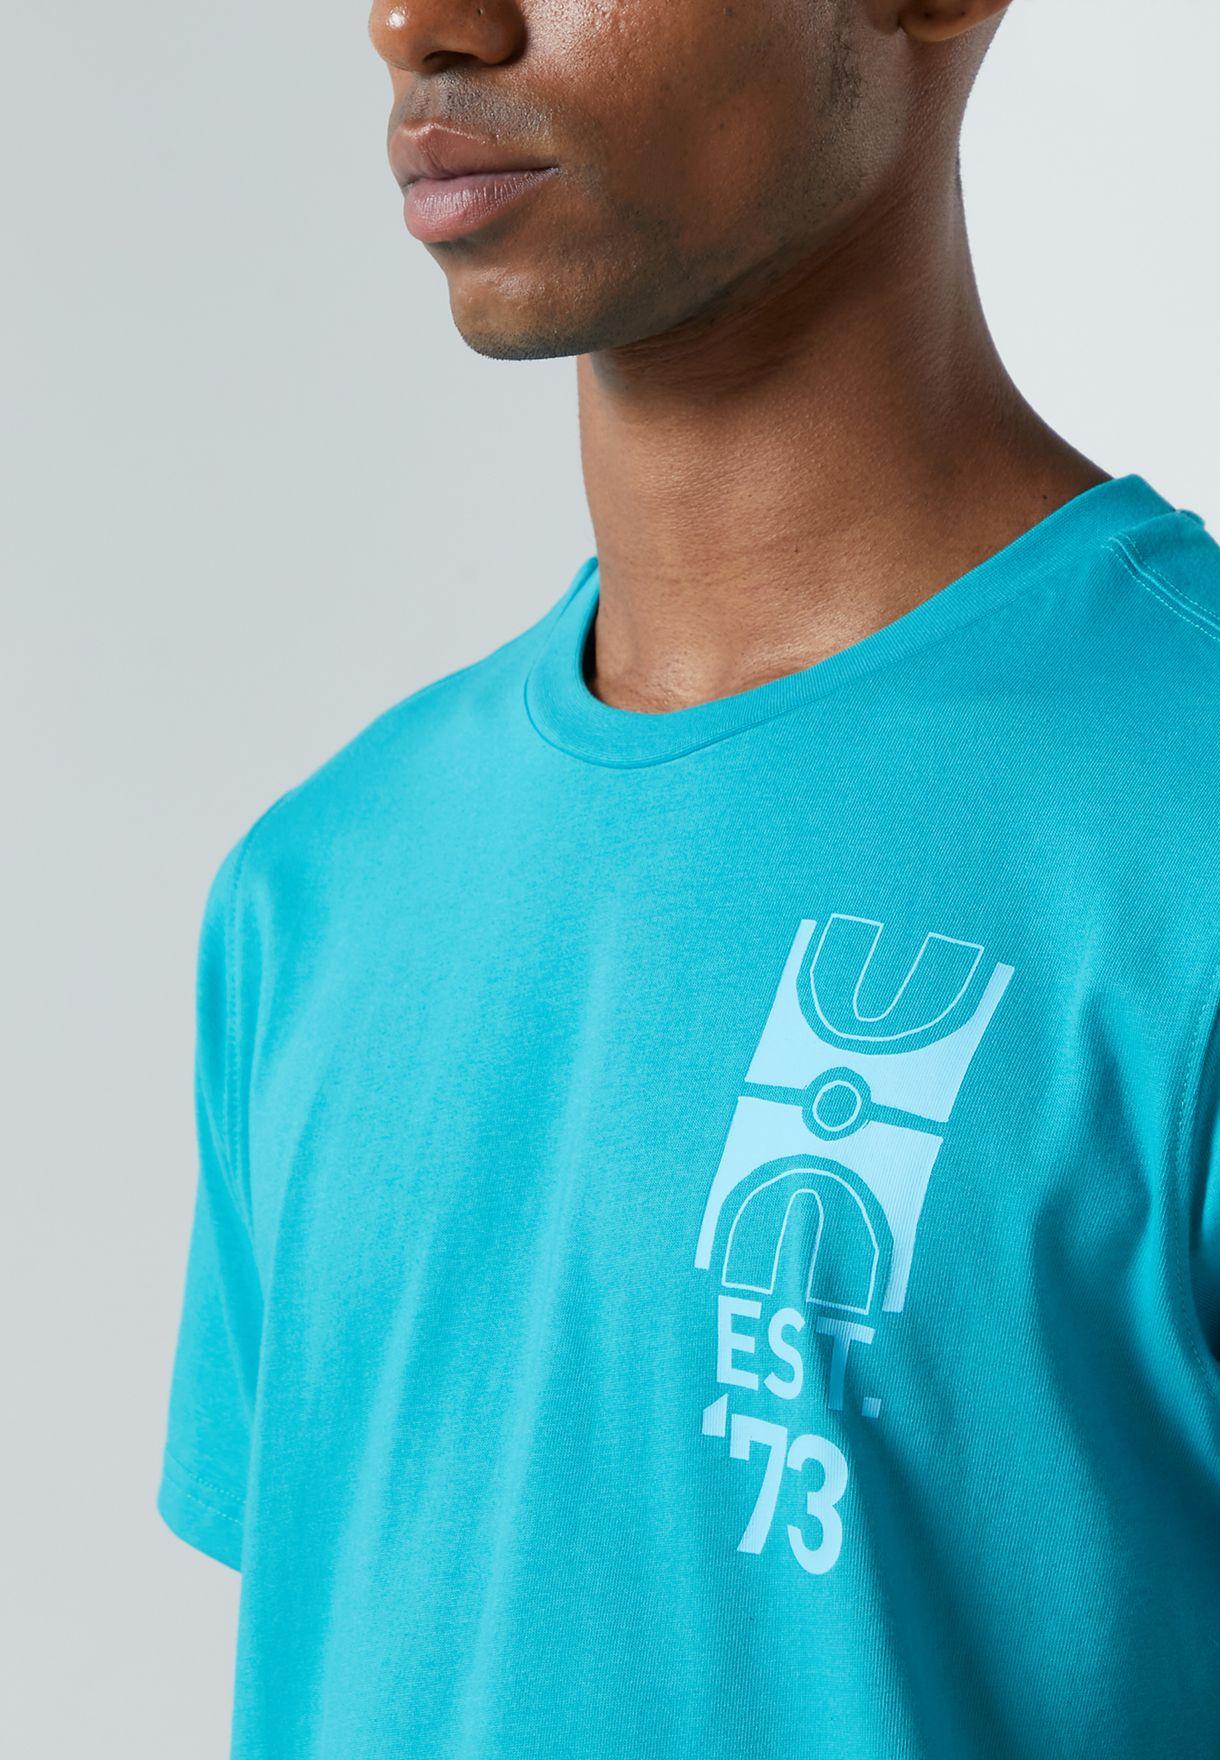 Parquet Street Graphic T-Shirt